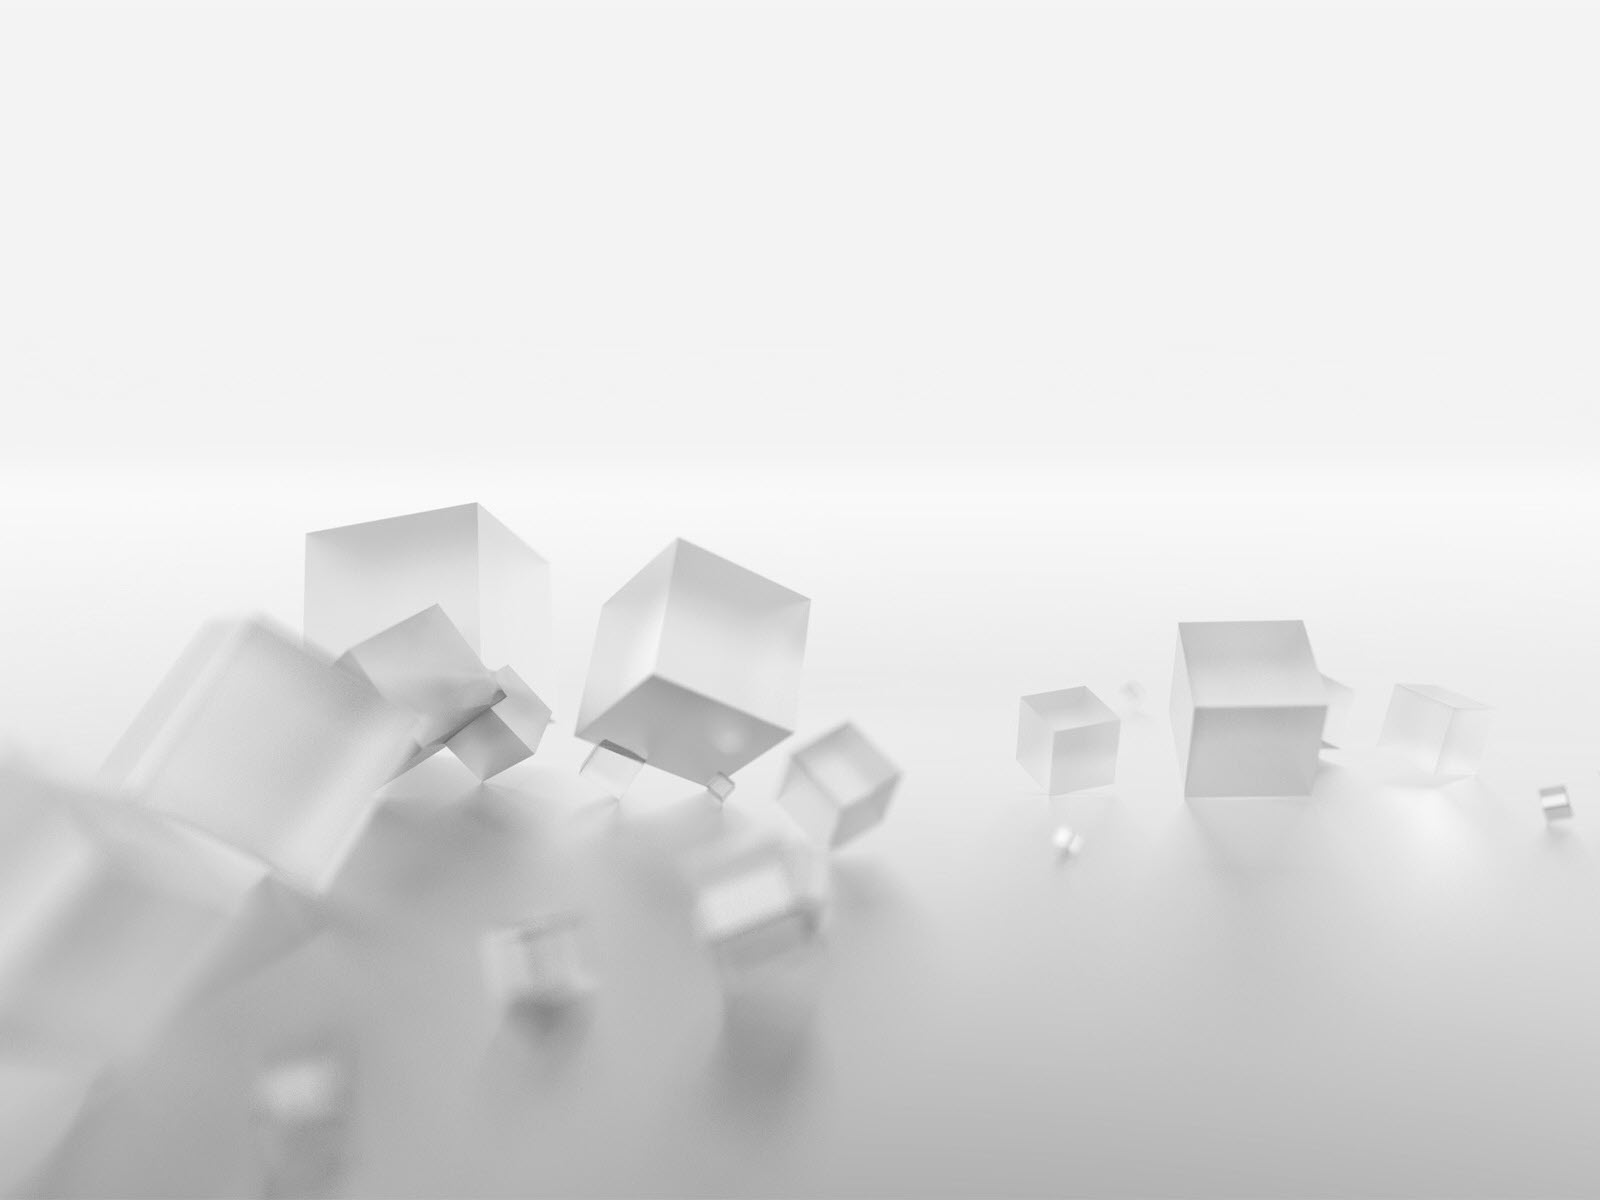 Ảnh nền màu trắng cho Powerpoint